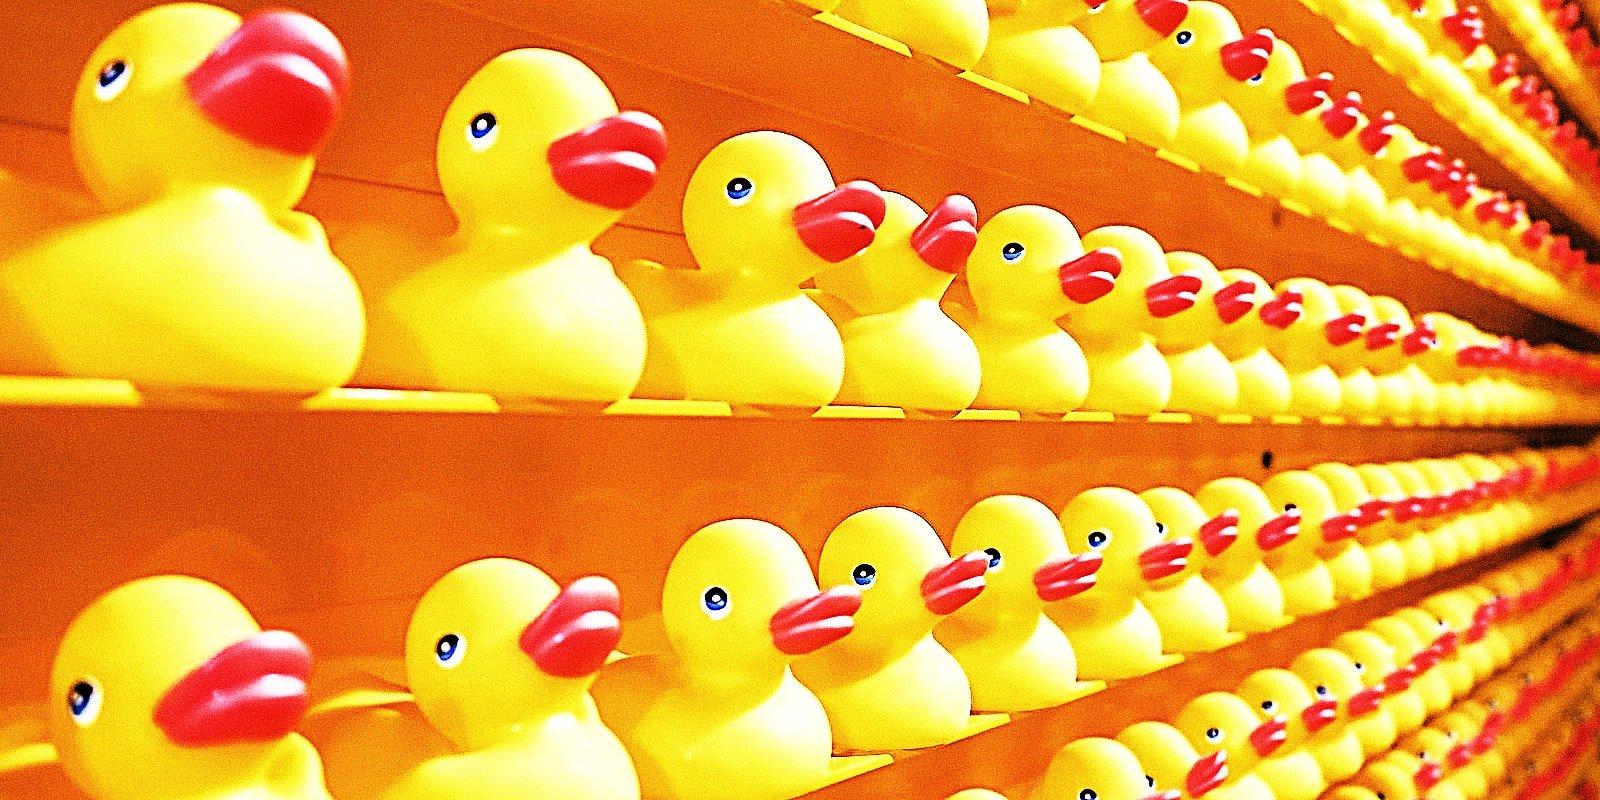 Il malware cryptominer Lemon_Duck ora prende di mira i dispositivi Linux